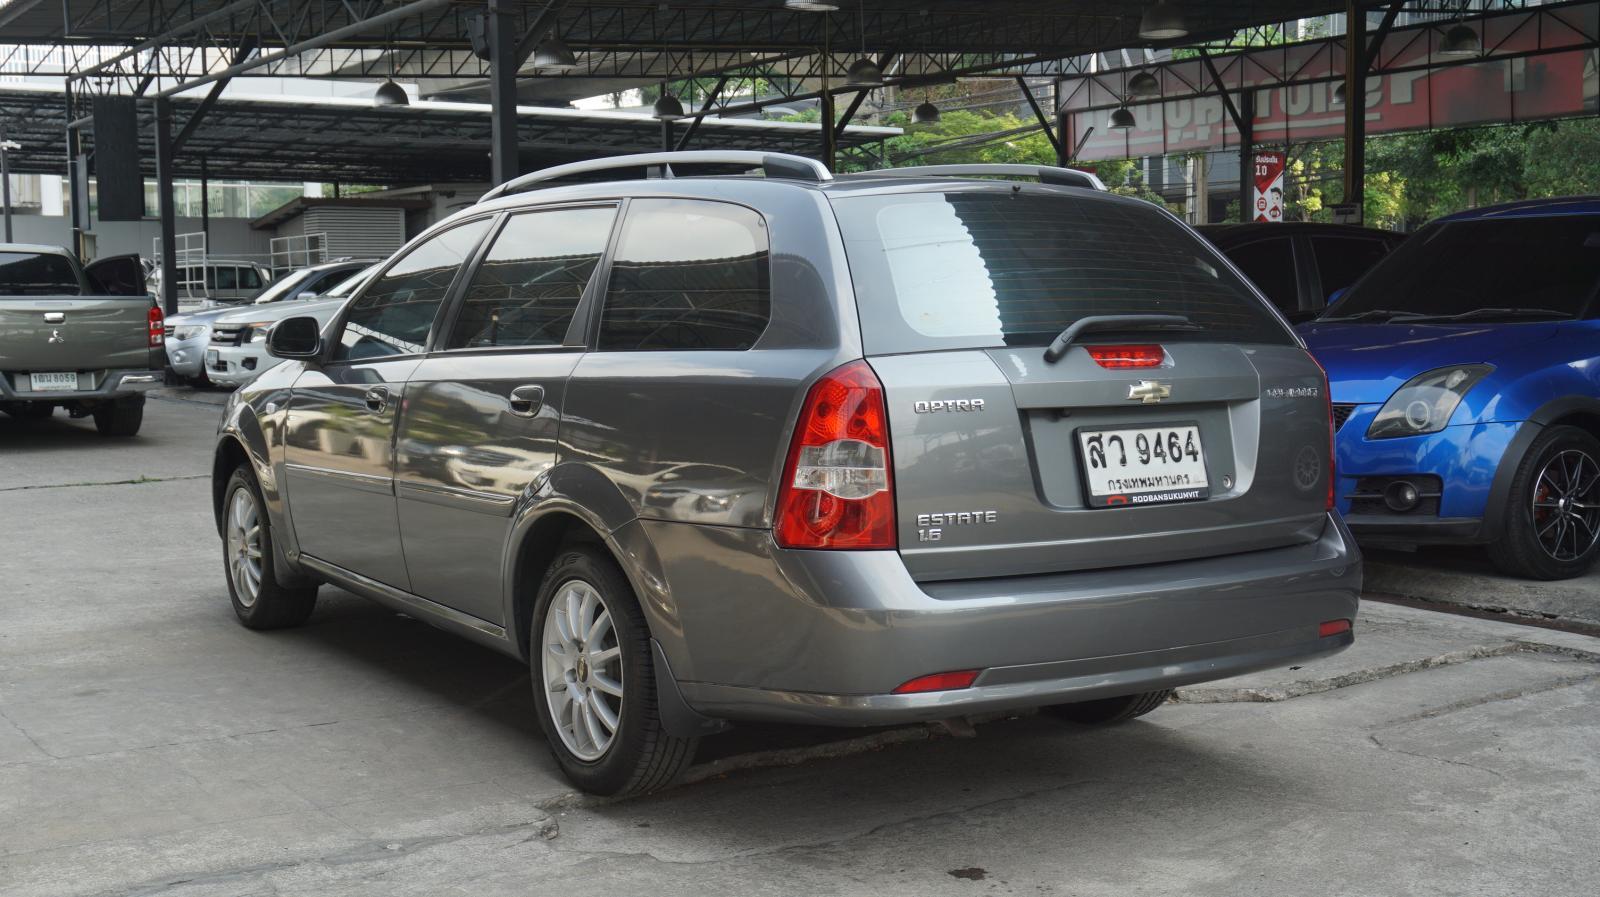 ซื้อขายรถมือสอง 2006 Chevrolet Optra 1.6 LT Estate Wagon AT